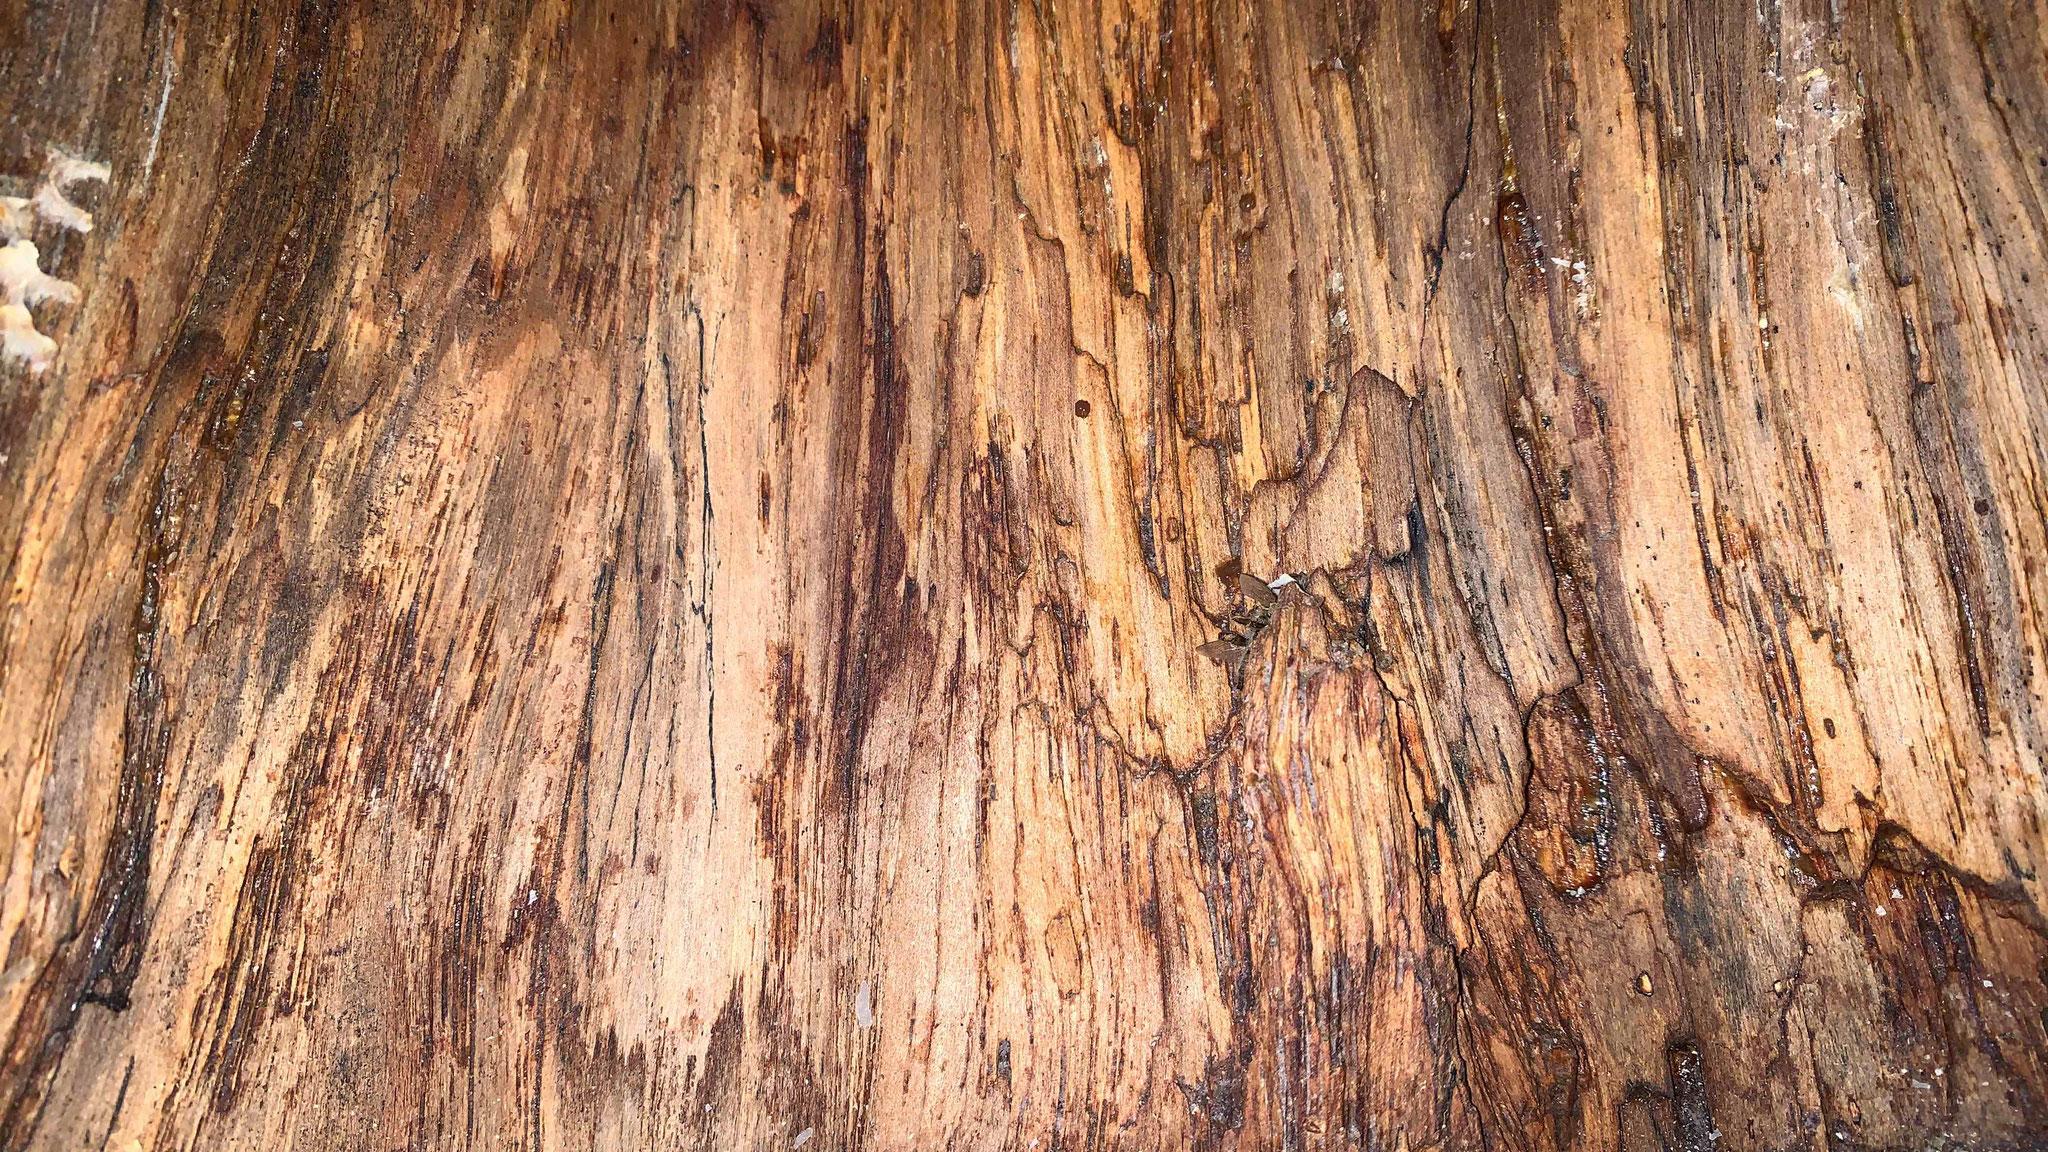 Vor dem Einzug war die Höhleninnenwand mit morschen, locker ansitzenden Holzteilen versehen. Nach einem Jahr macht das Innere einen wohligen Eindruck.